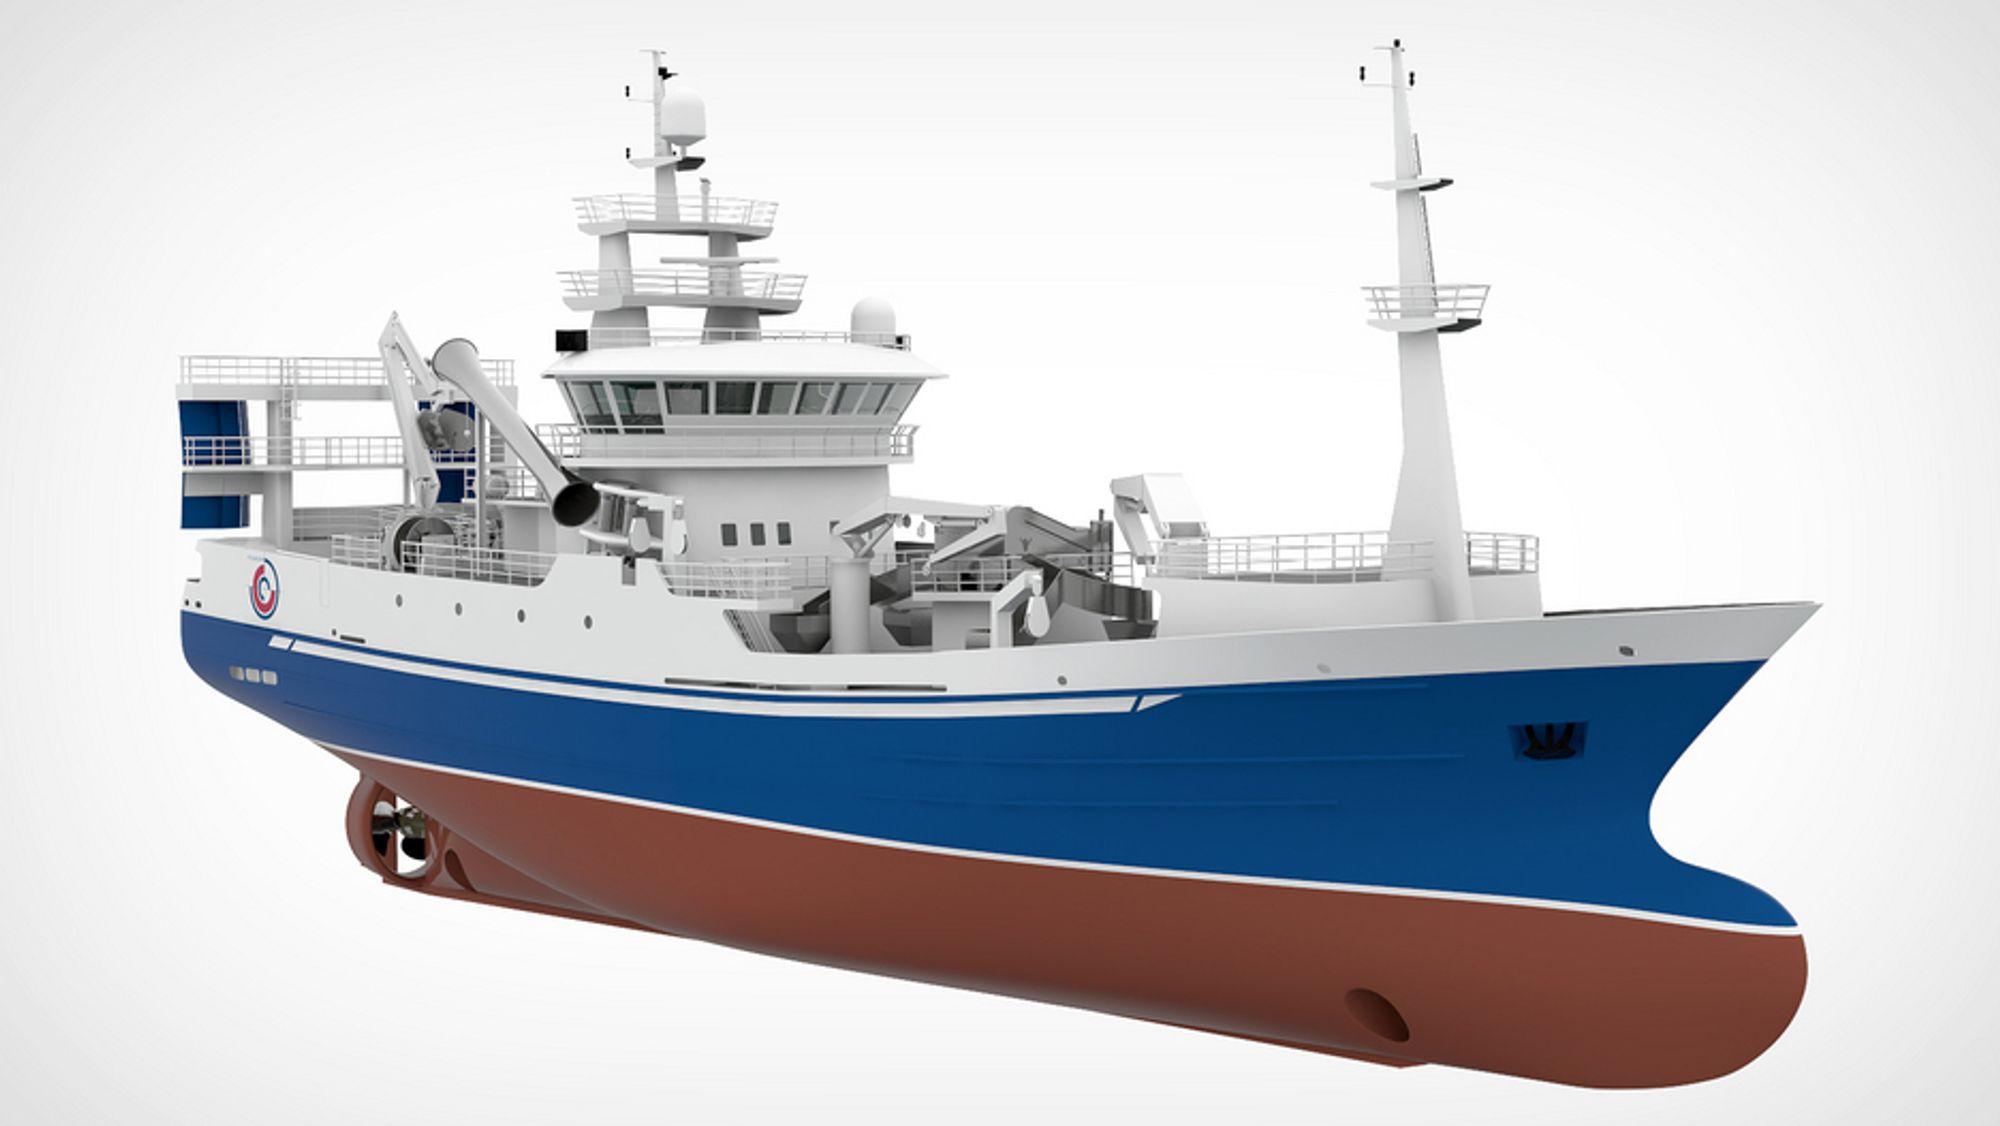 MILJØFISKER:Liegruppen står bak bestillingen av et nyttfiskefartøy. Wärtsilä leverer design og mye utstyr til det 64 meter lange fartøyet. Miljøhensyn spiller en viktig rolle i designen VS 6106.